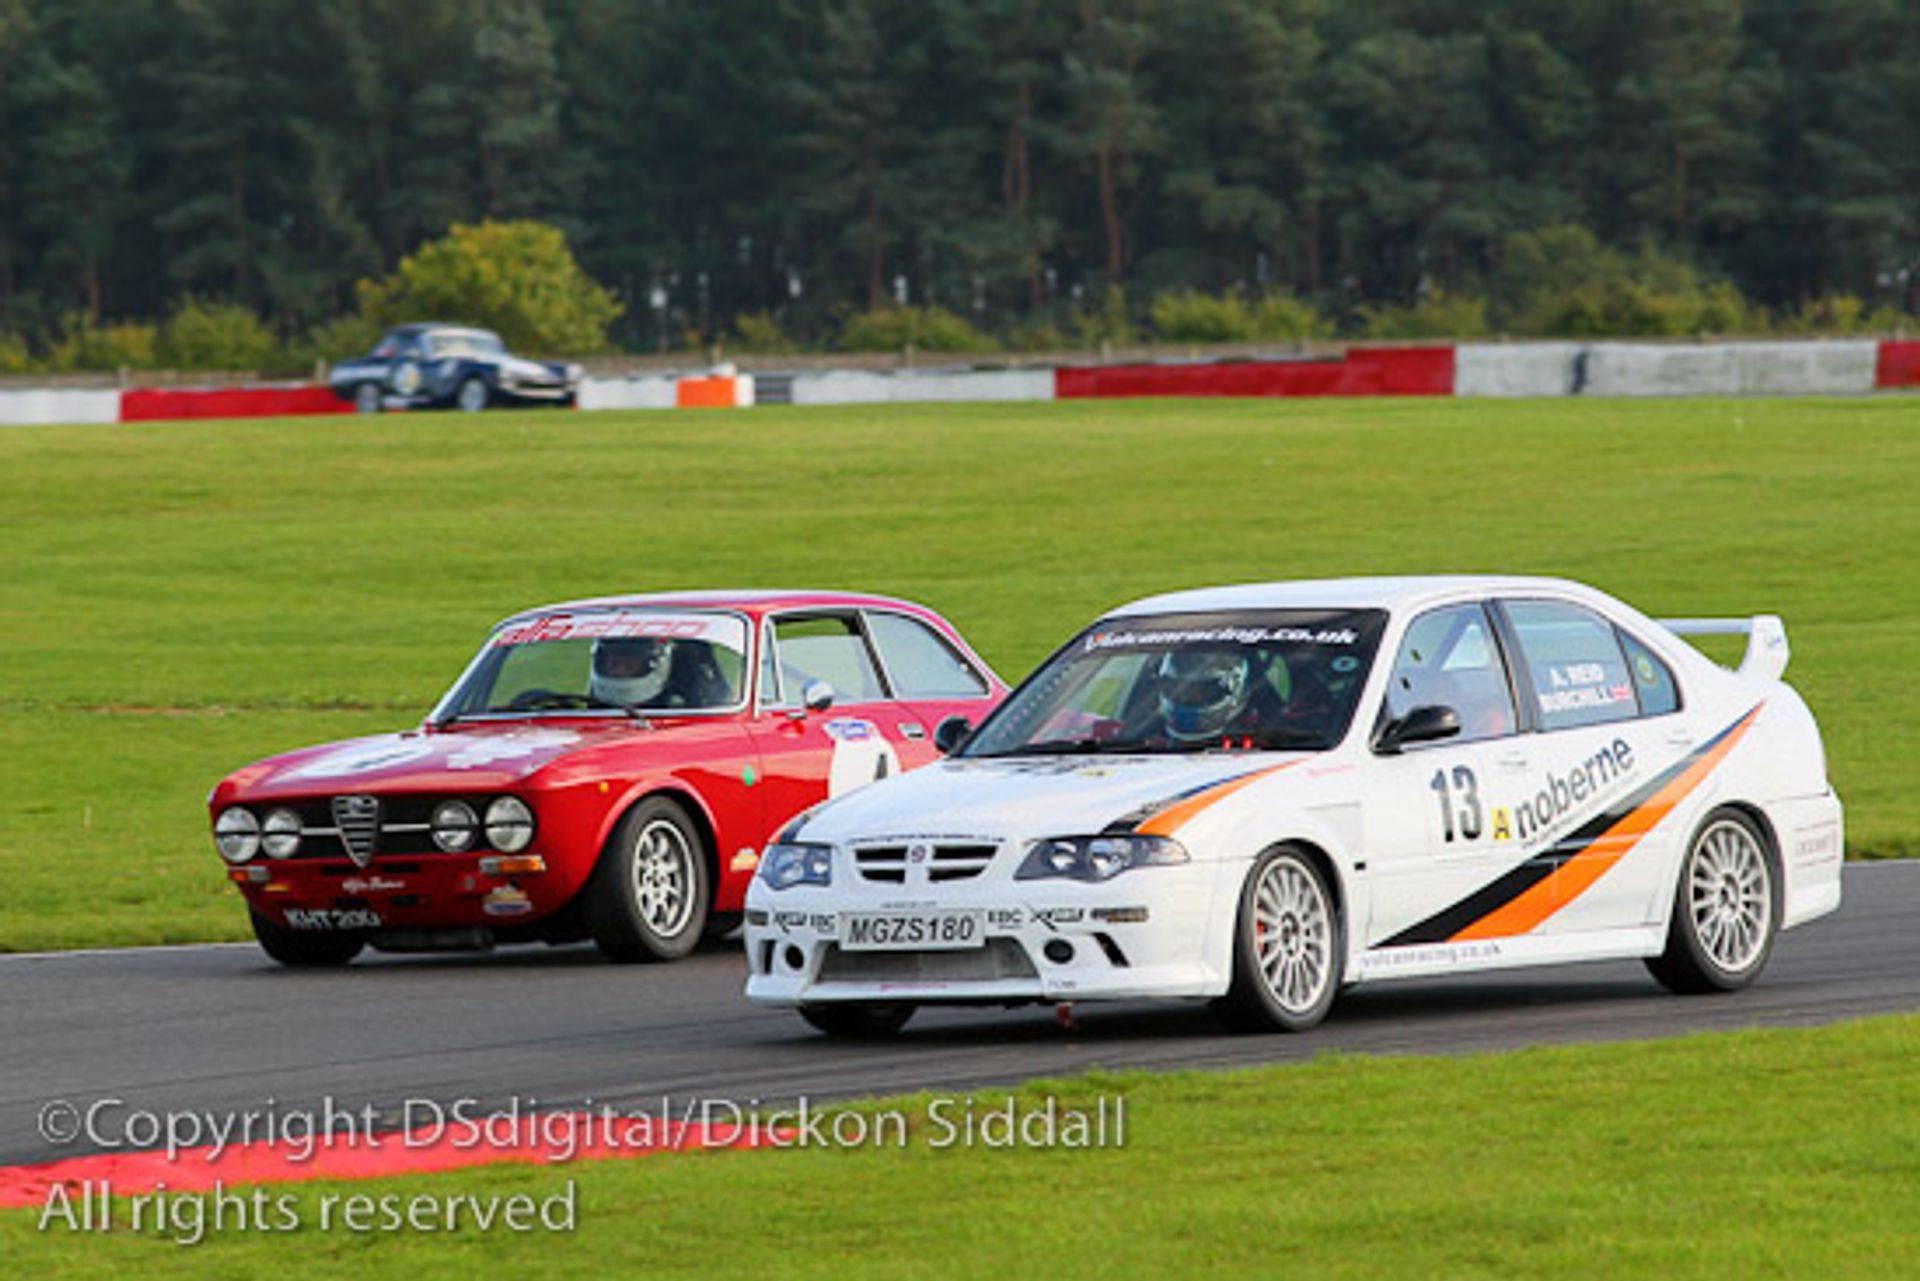 Vuclan Racing MGZS V6 Peter Burchill